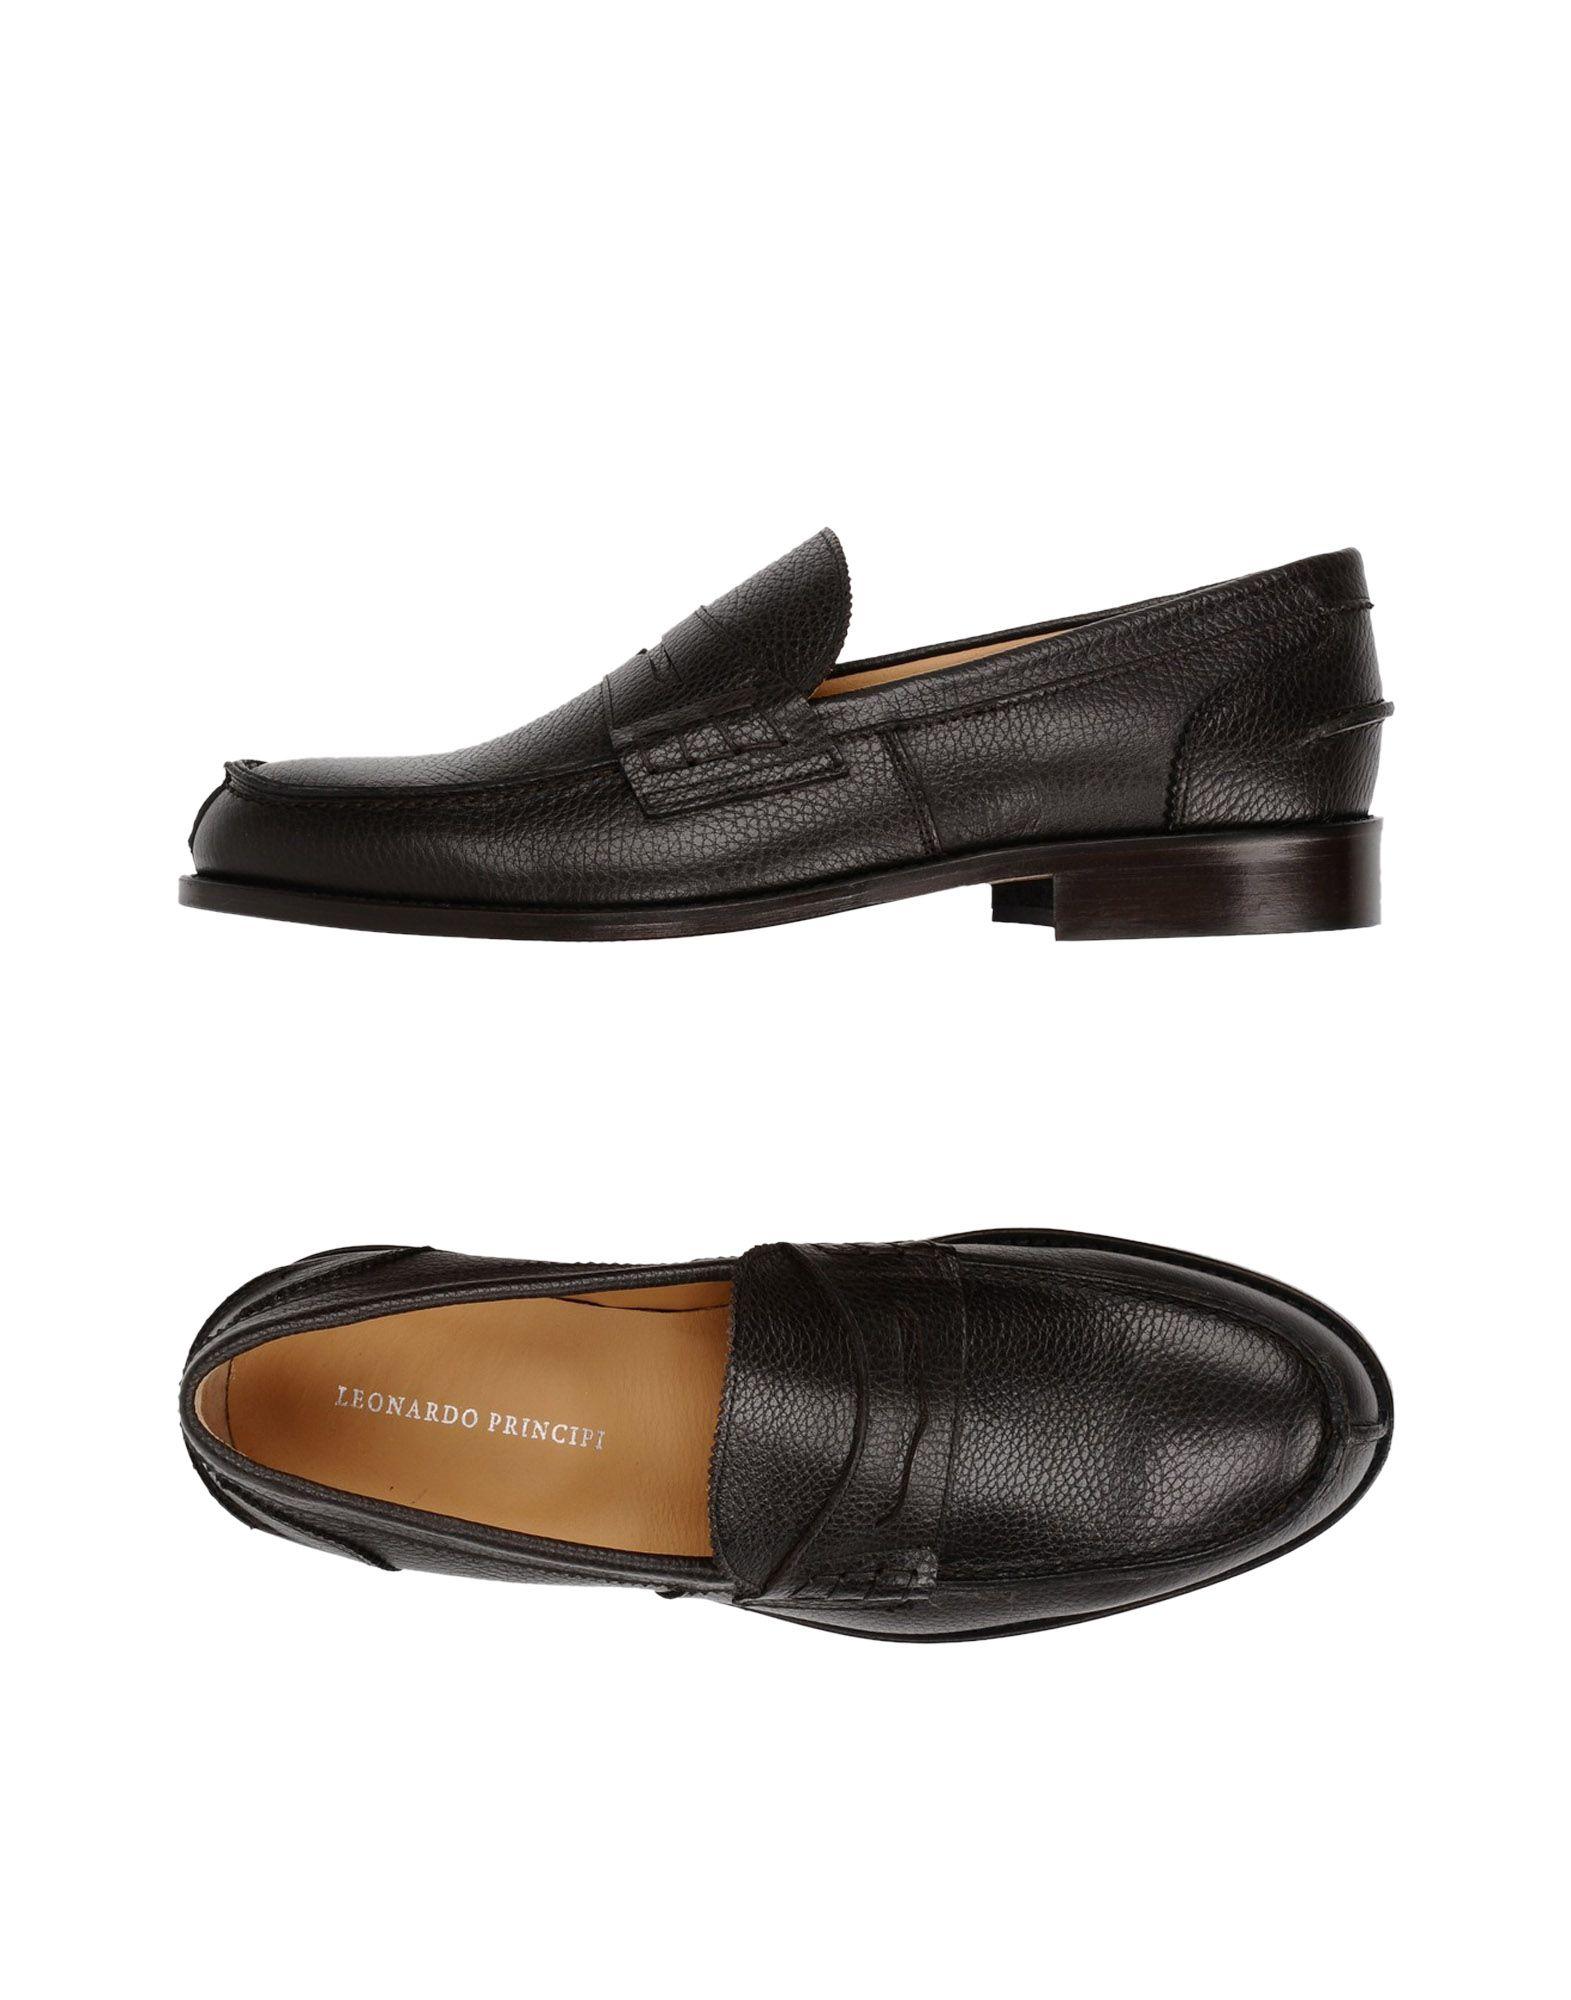 Leonardo Principi Mokassins Herren  11422504PX Neue Schuhe Schuhe Neue d9ff59